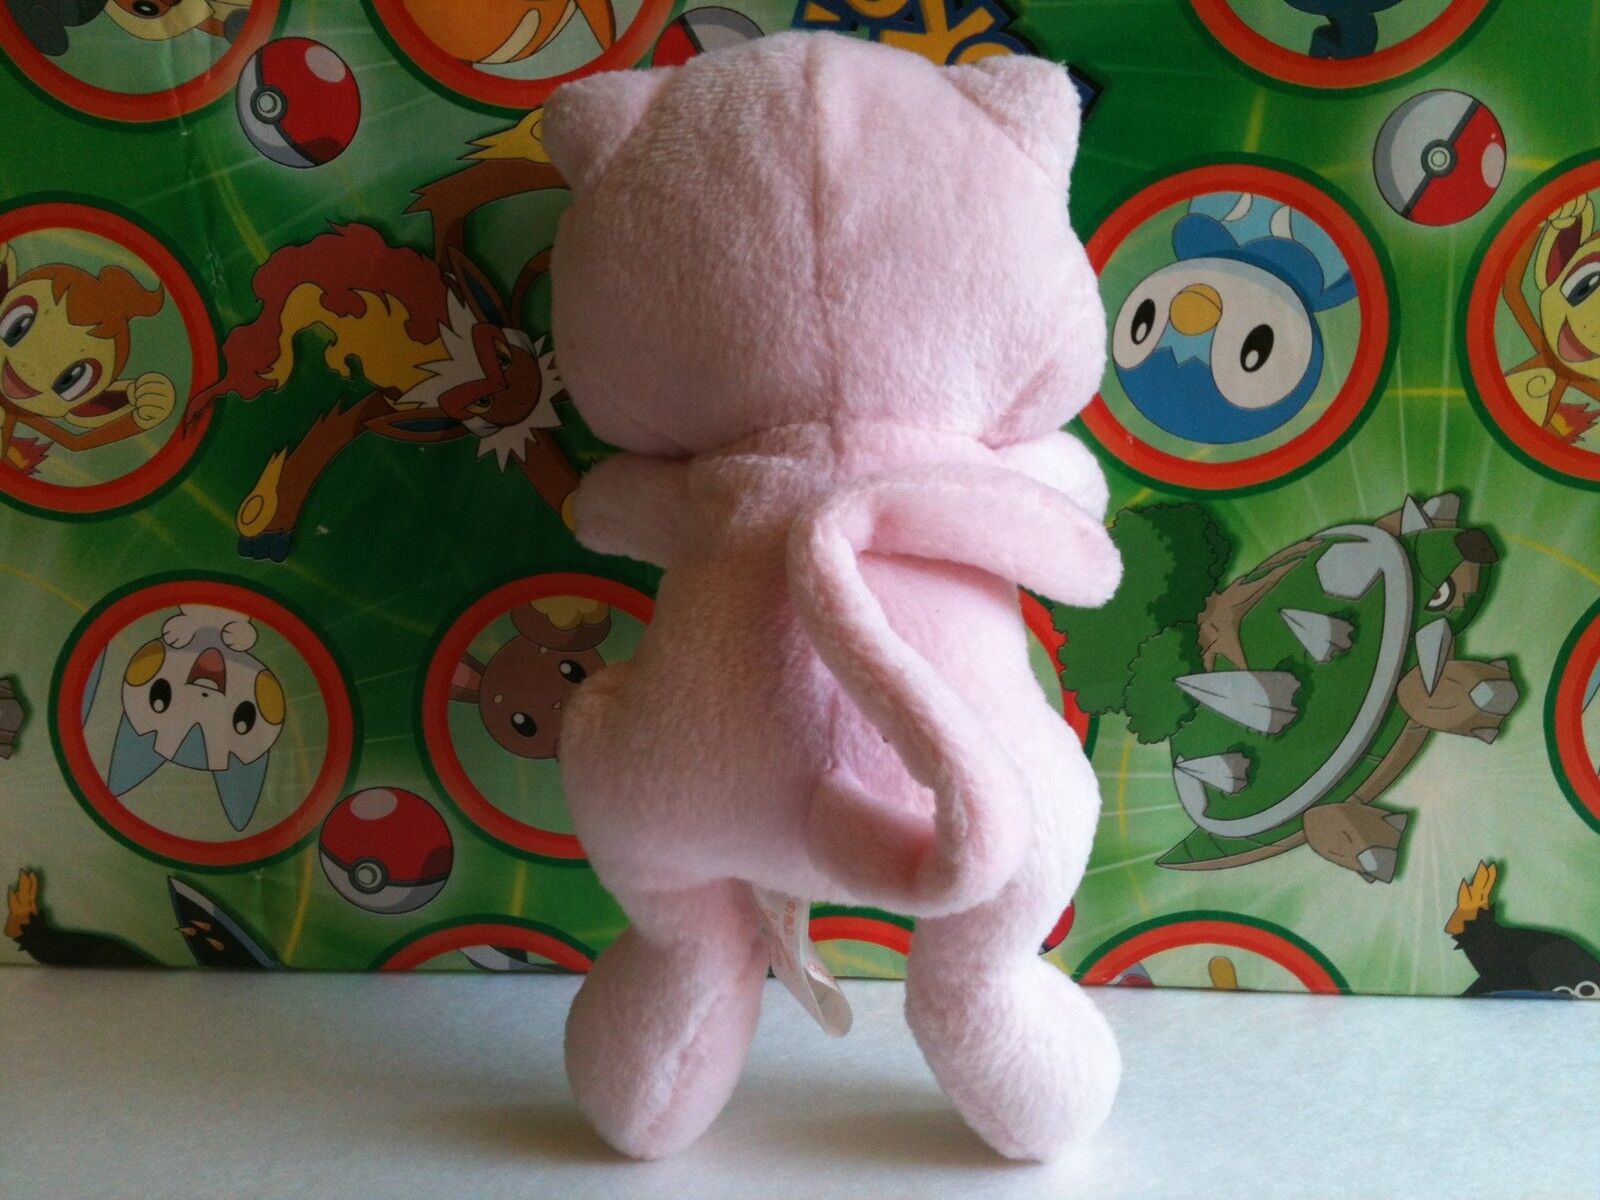 Pokemon Plush Mew 1999 Banpresto Japan UFO Prize Prize Prize Stuffed doll figure Toy Vintage 1956c9